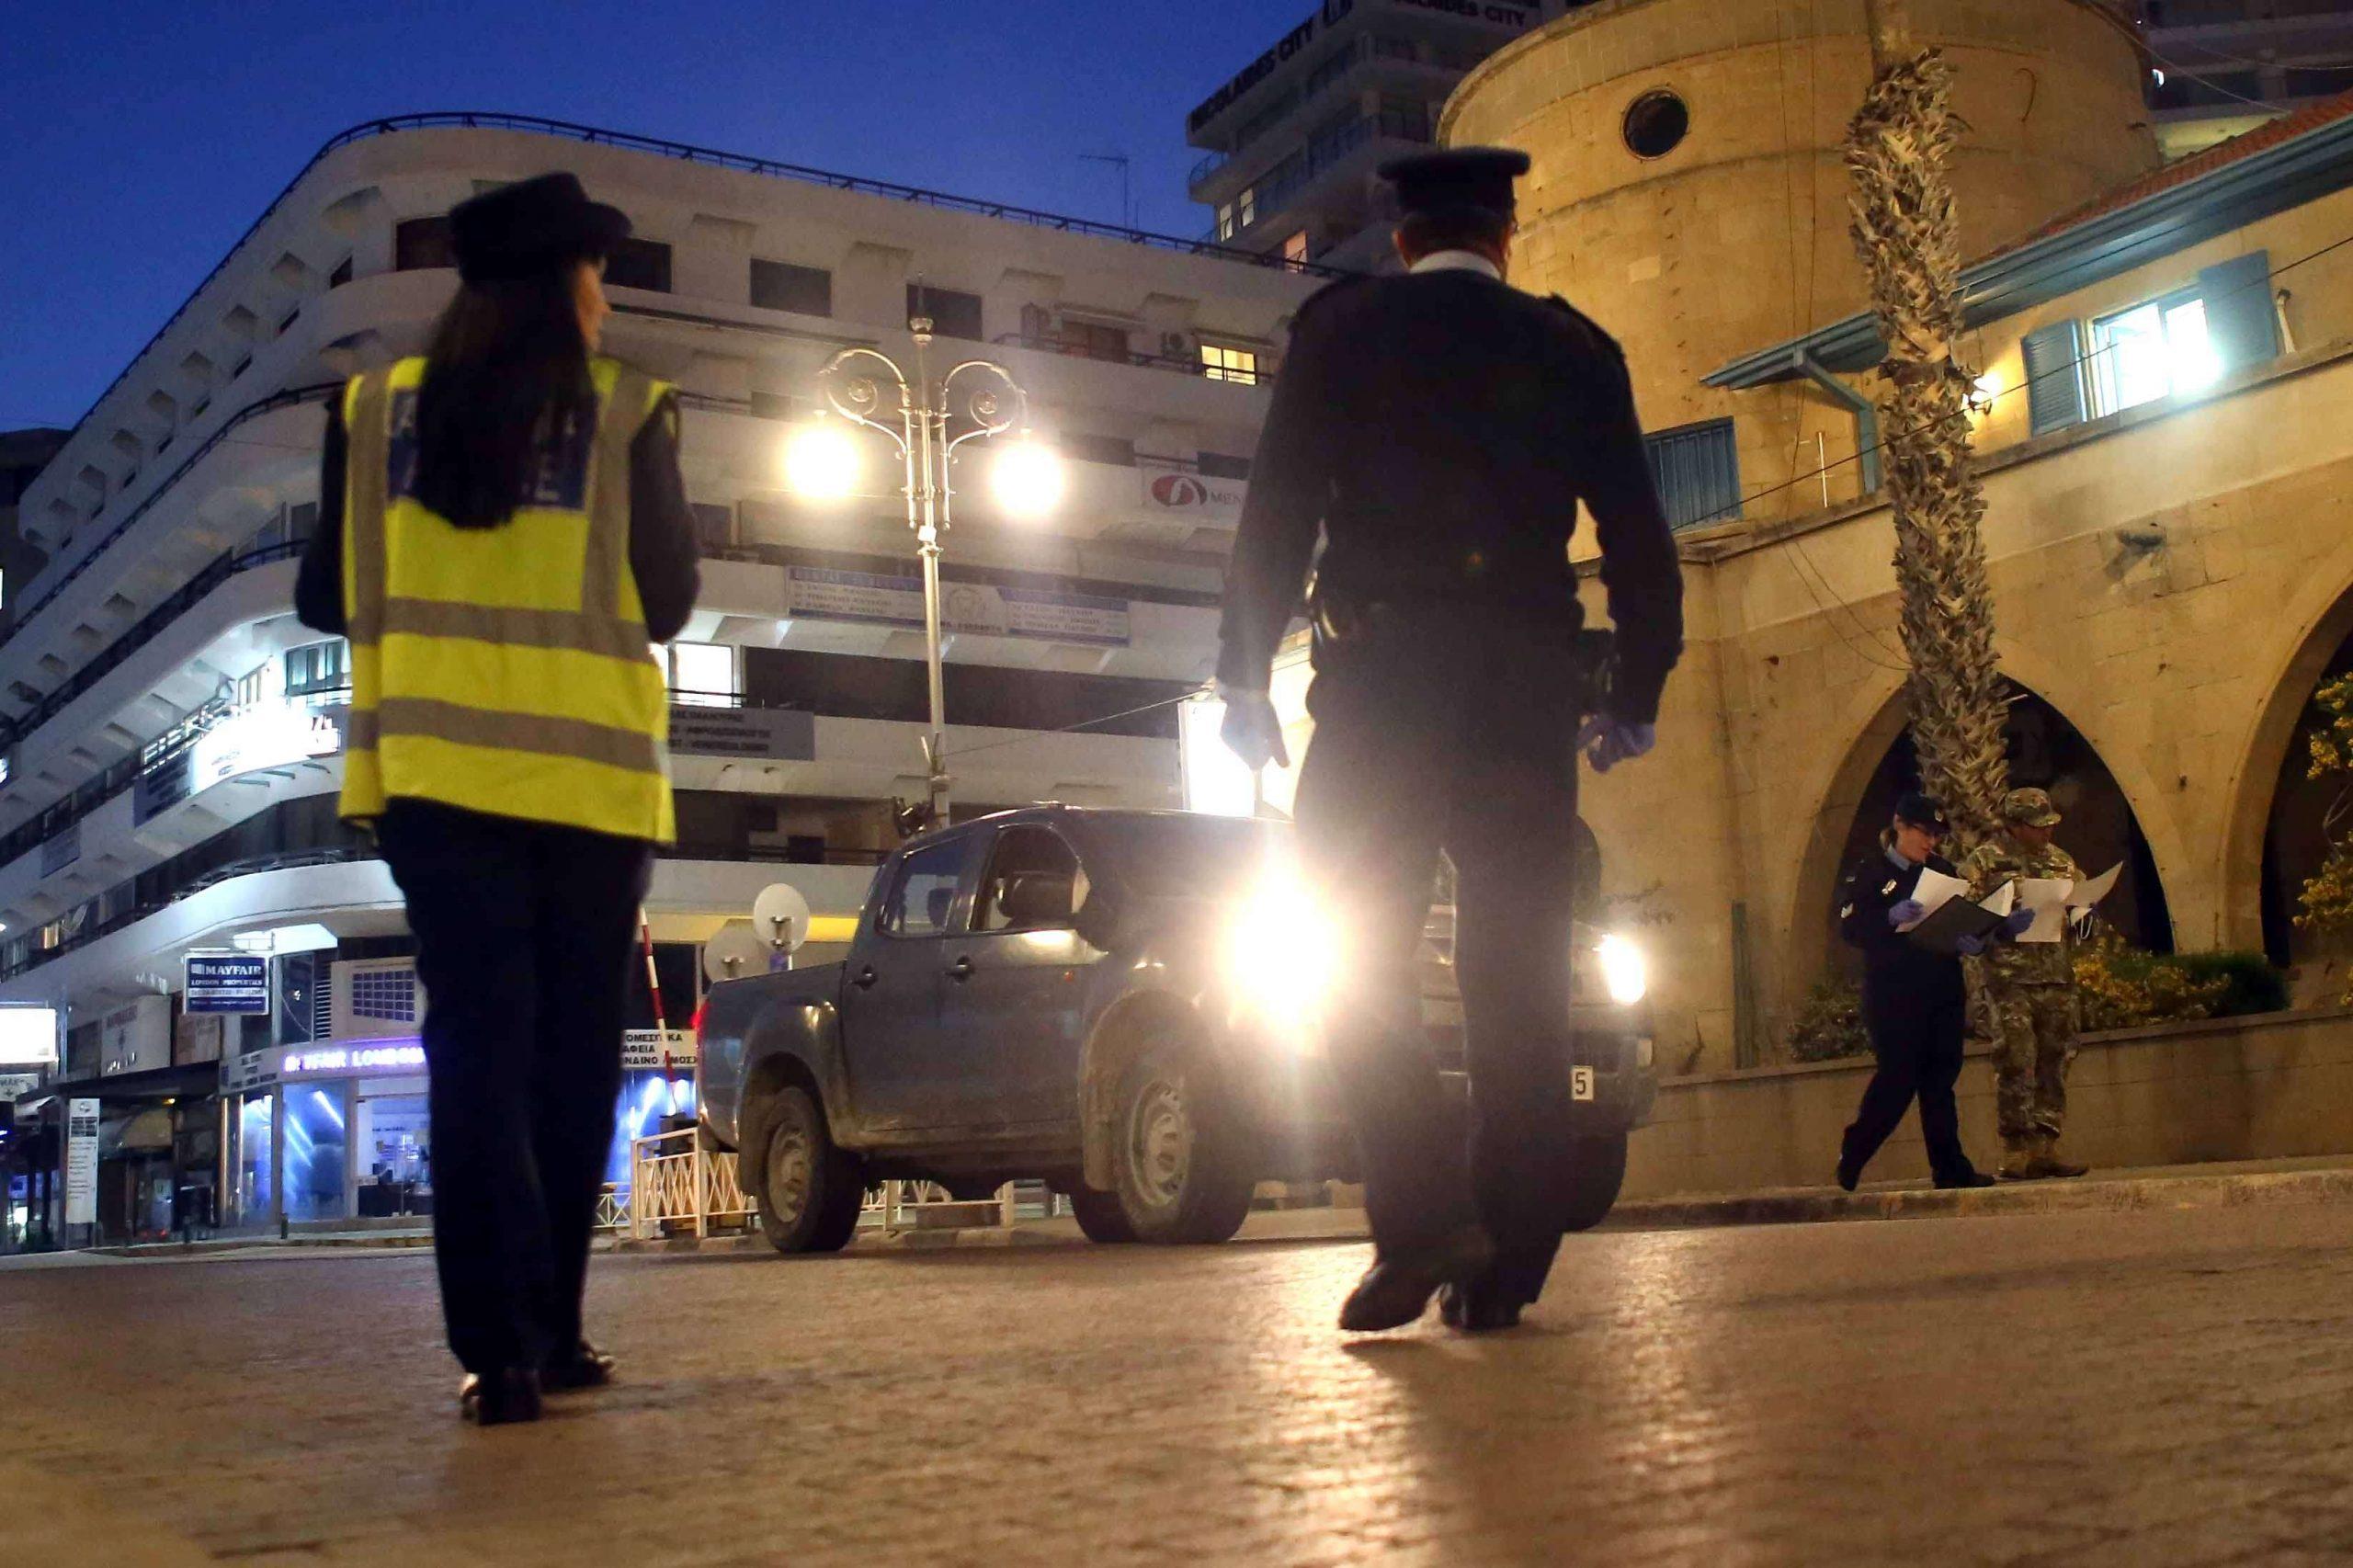 Διαπιστώθηκαν παραβάσεις, προειδοποιεί με αυστηρότερους ελέγχους σε χώρους εστίασης η Αστυνομία